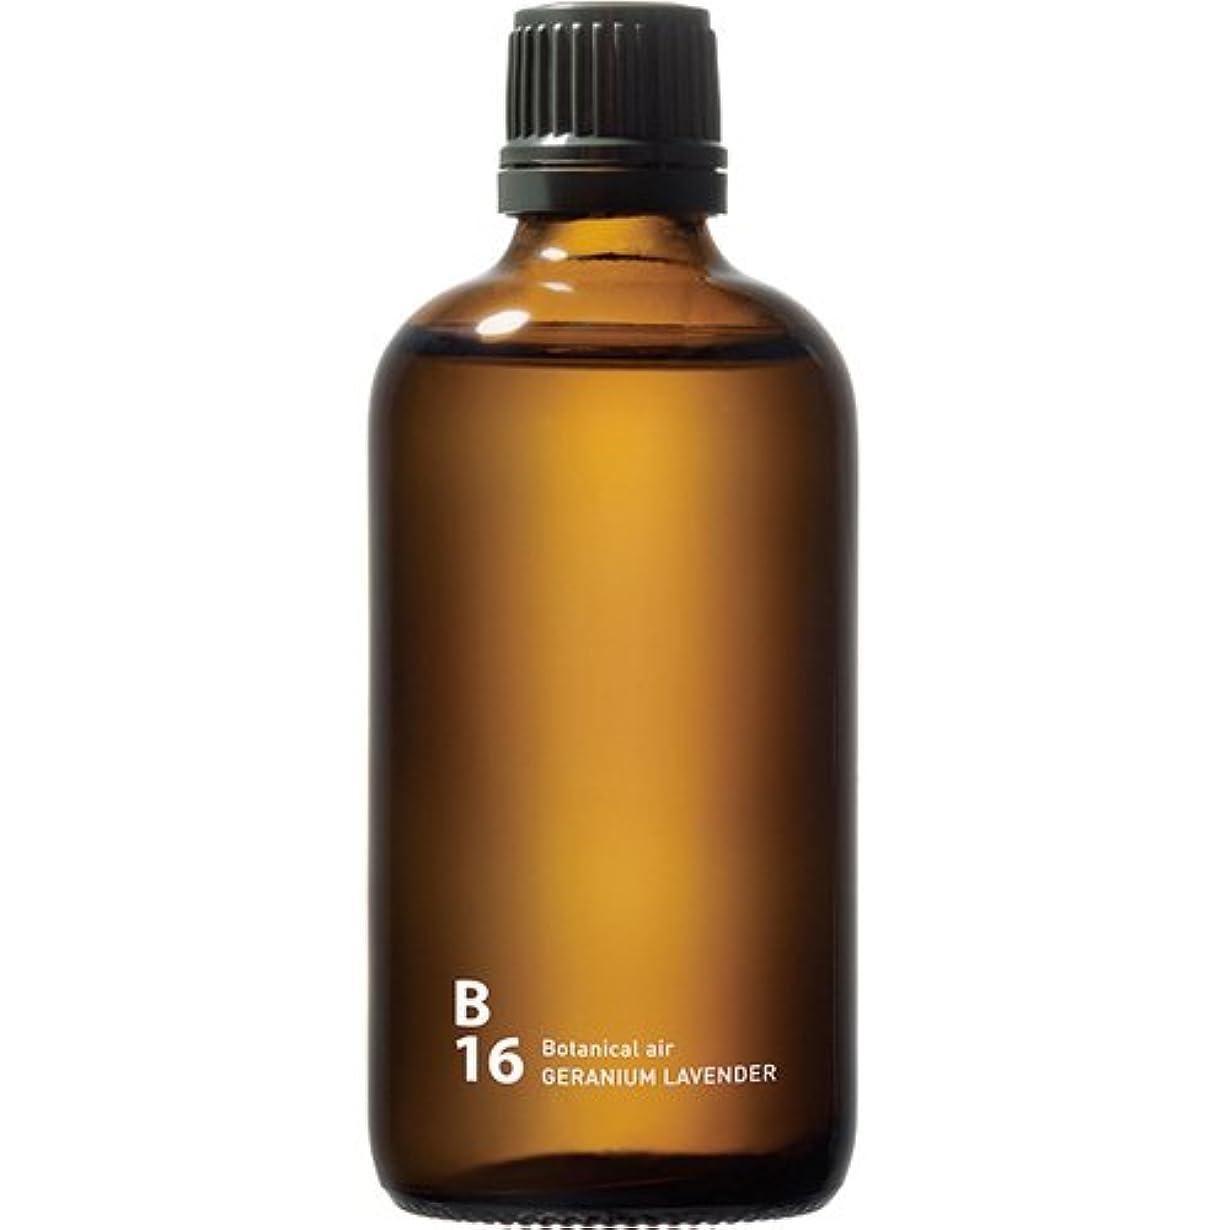 セレナ本能聖歌B16 GERANIUM LAVENDER piezo aroma oil 100ml